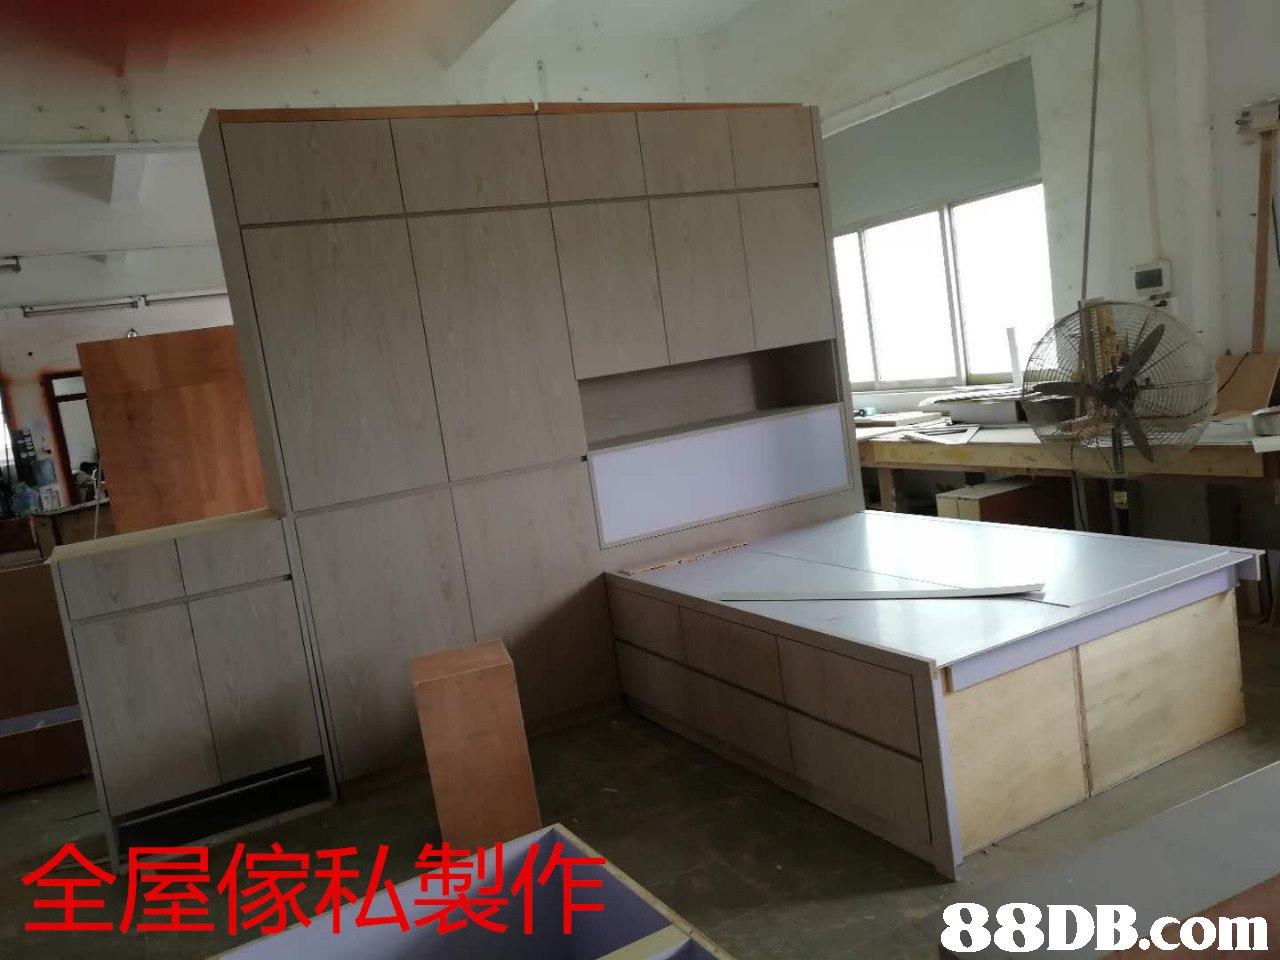 全屋傢私製作   property,furniture,floor,table,product